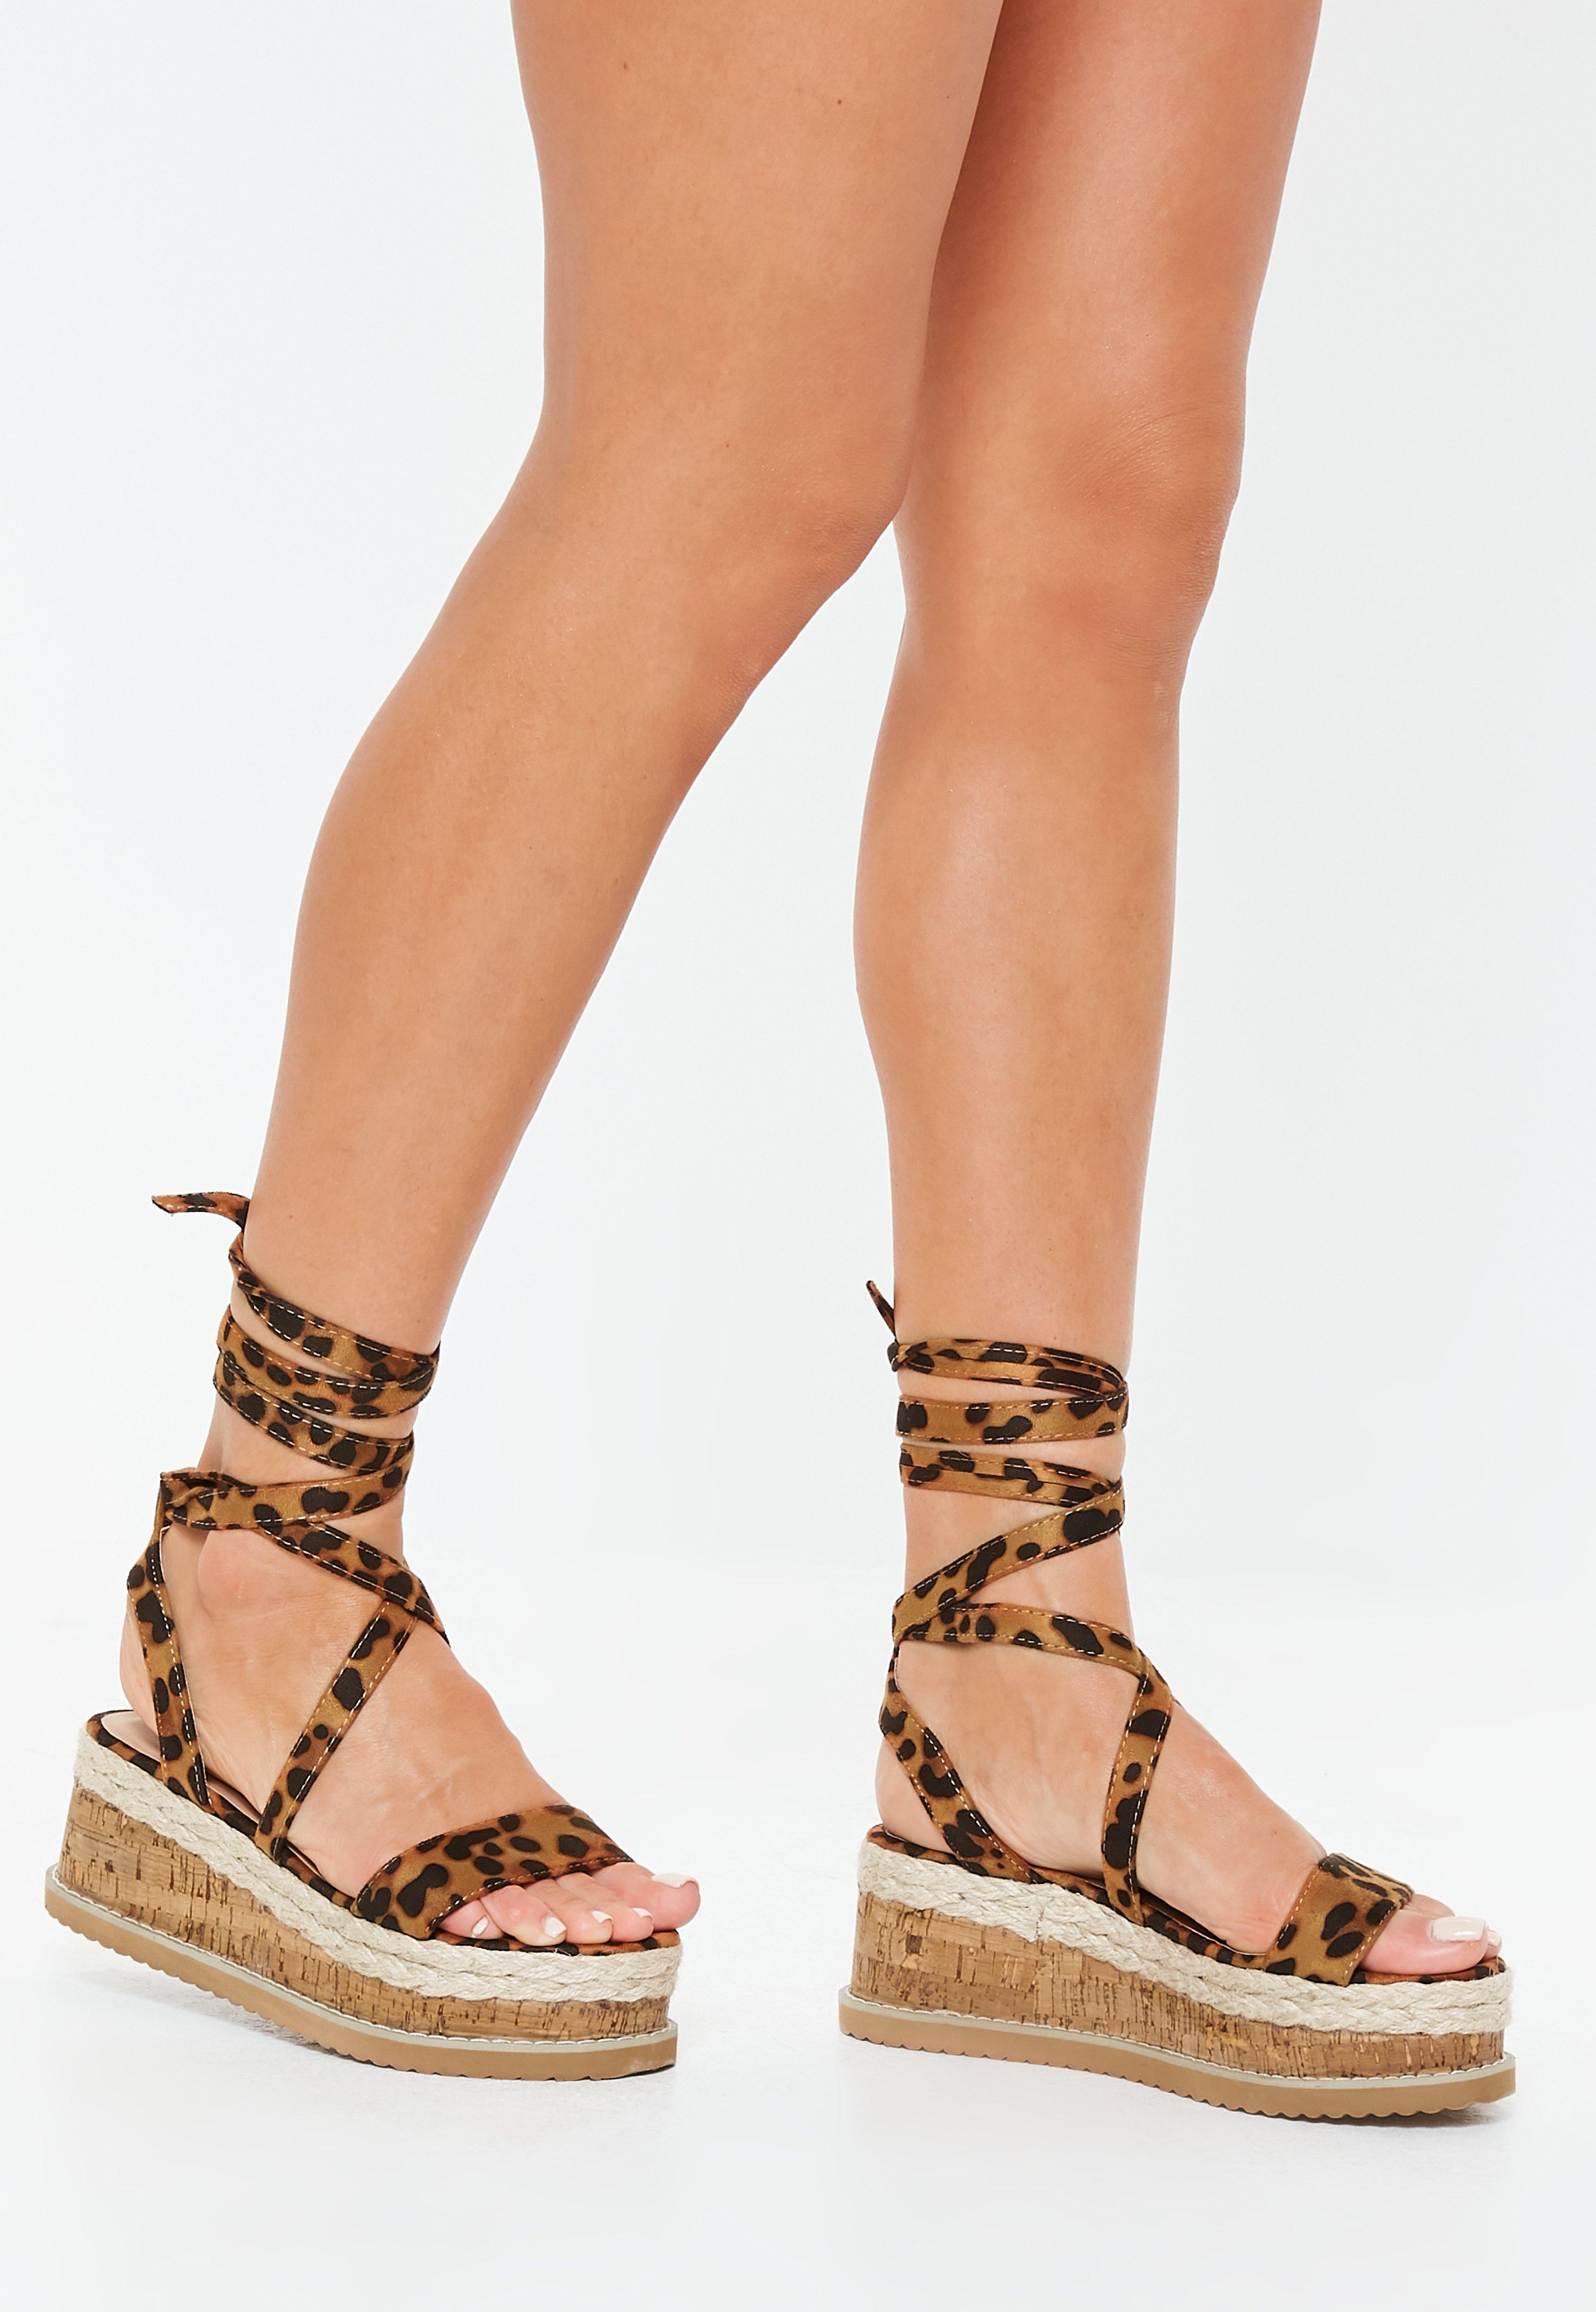 c1063cffa3ed Sandals - Shop Women s Sandals Online - Missguided